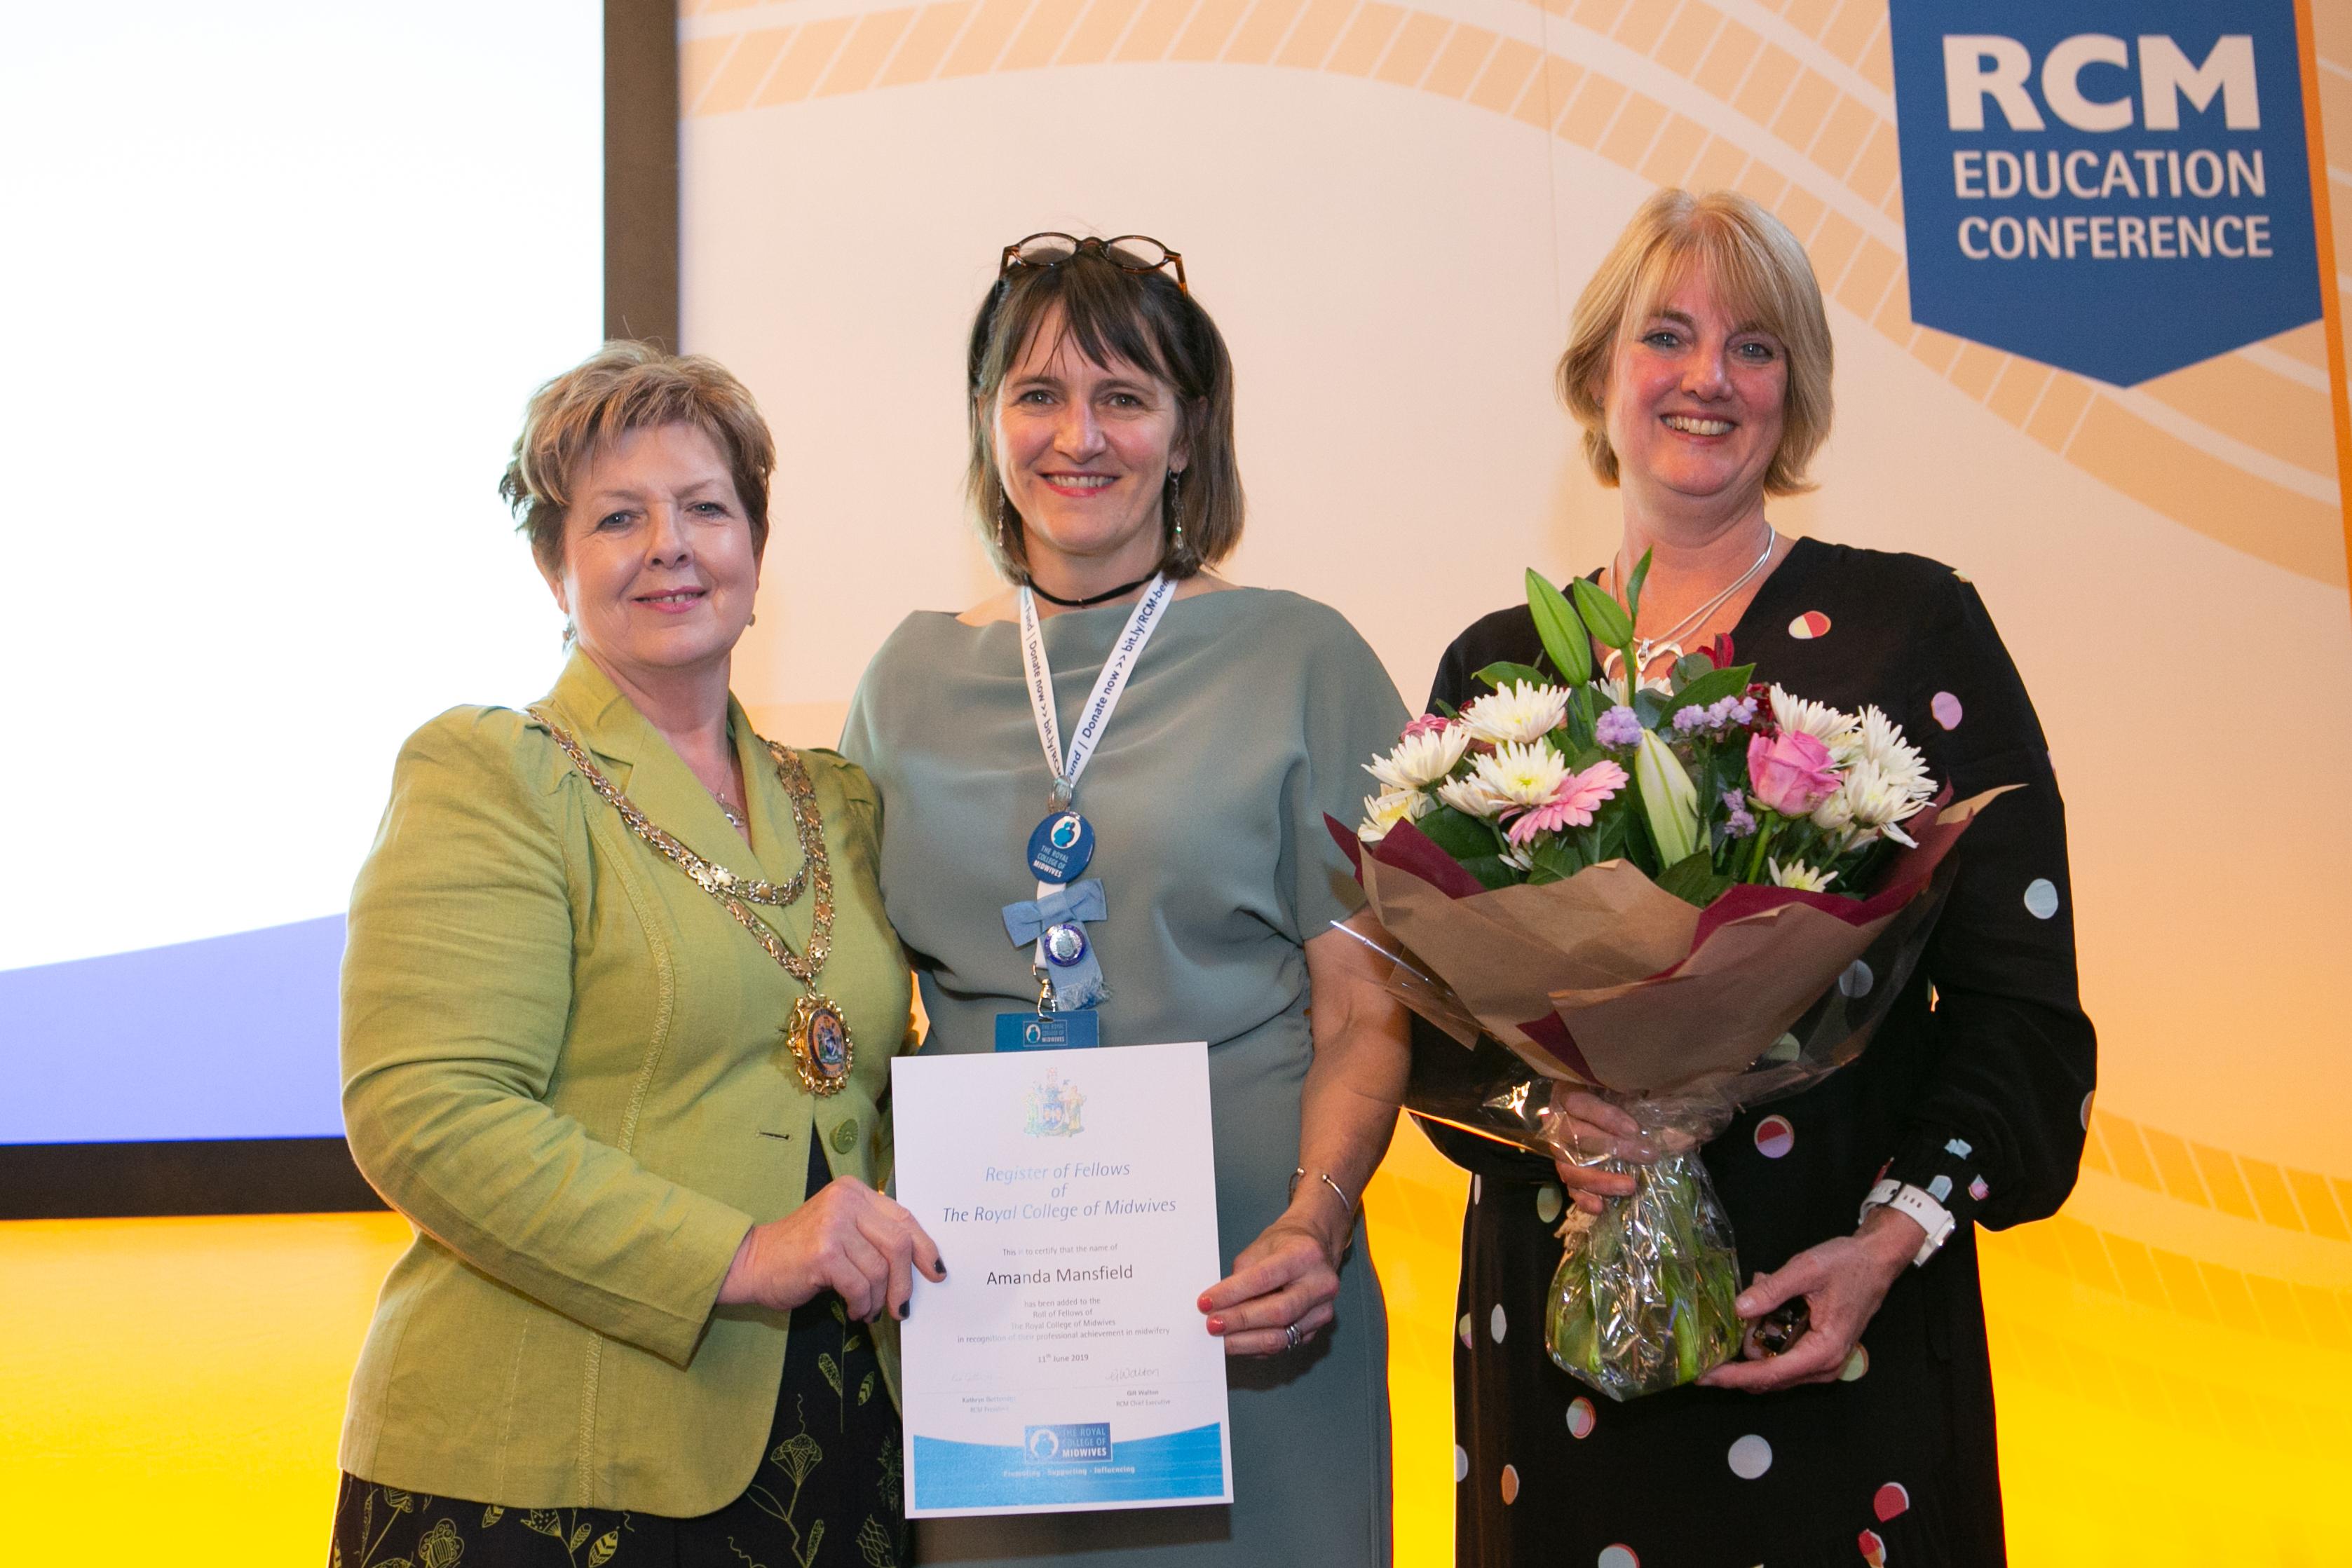 (L to R) RCM President Kathryn Gutteridge, Amanda Mansfield & RCM CEO Gill Walton